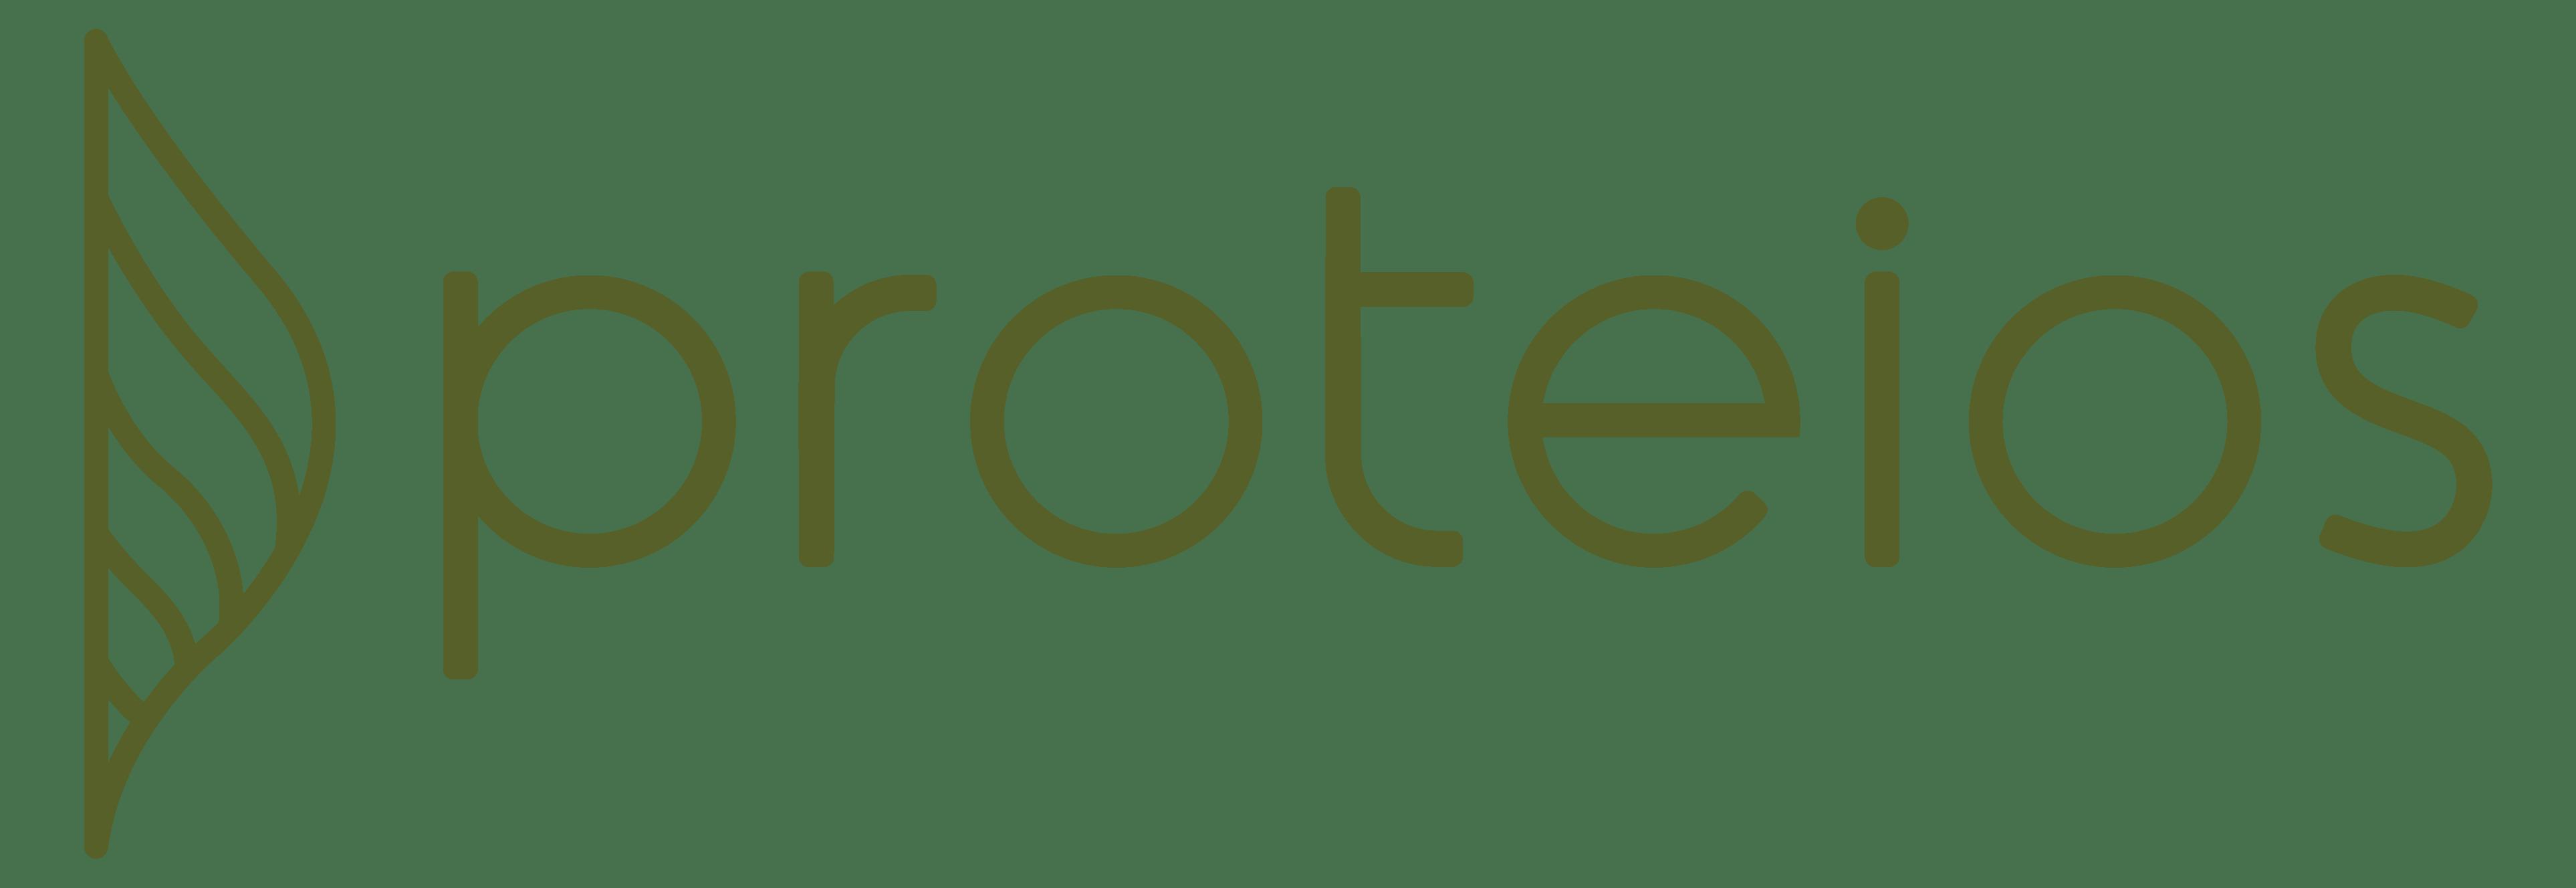 Proteios Nutrição Funcional